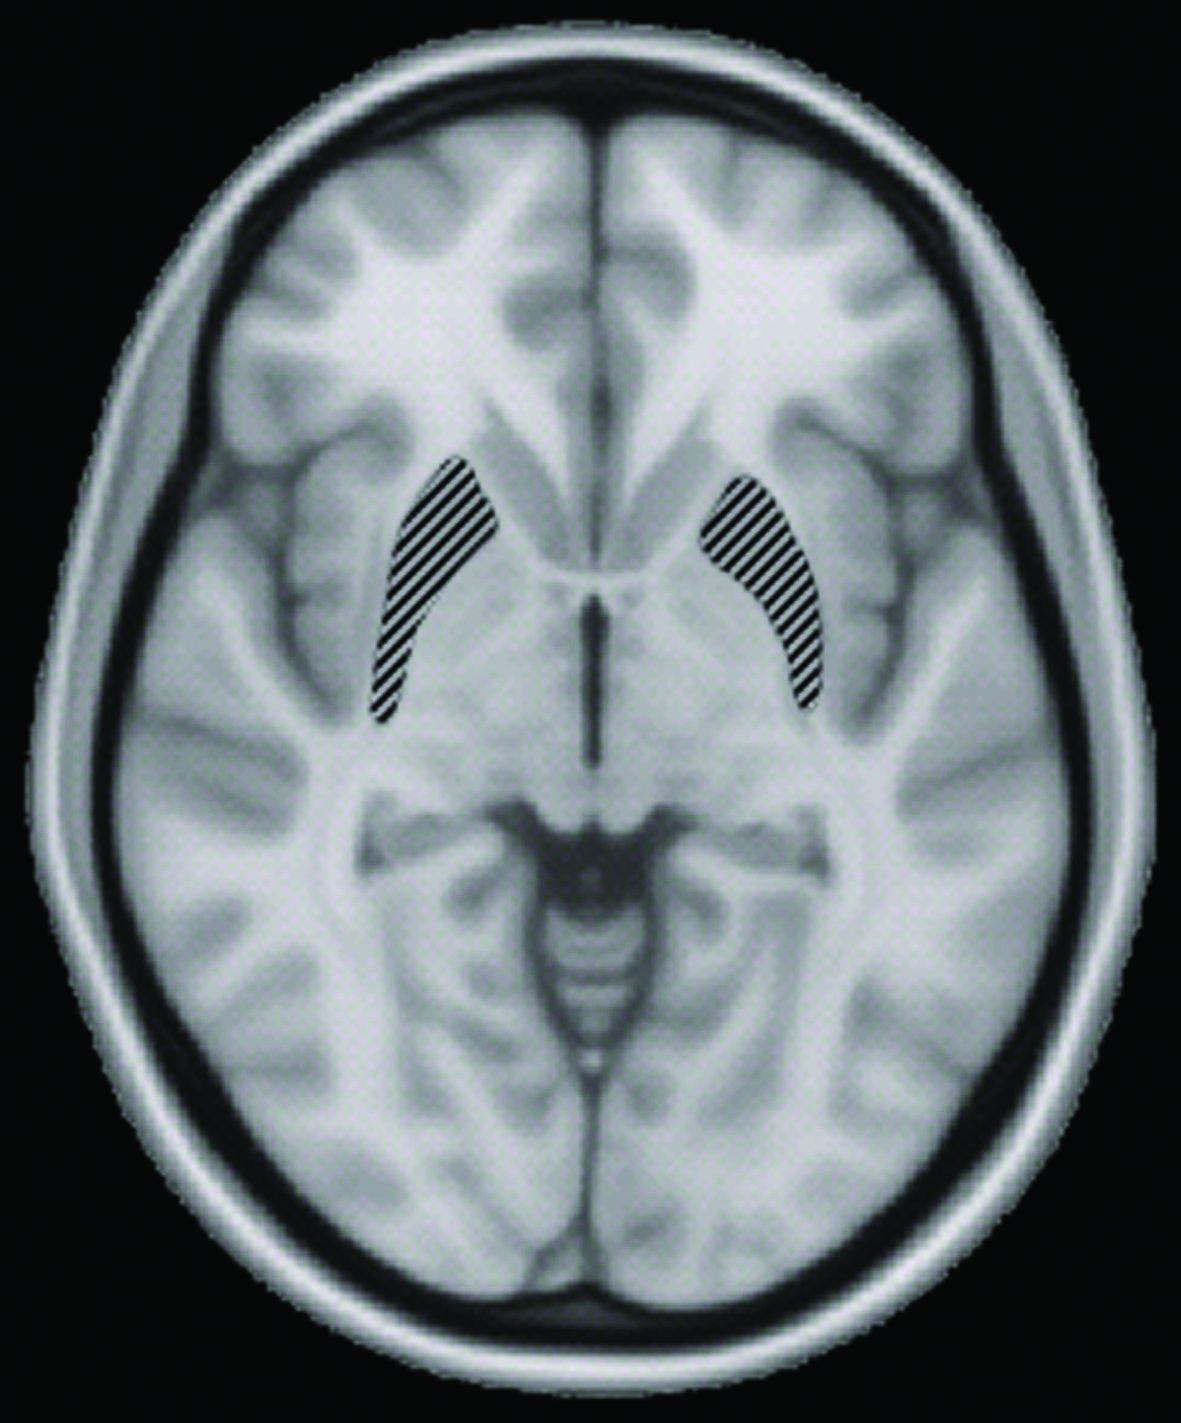 Accelerating MRI: A novel sampling method to shorten MRI scan time